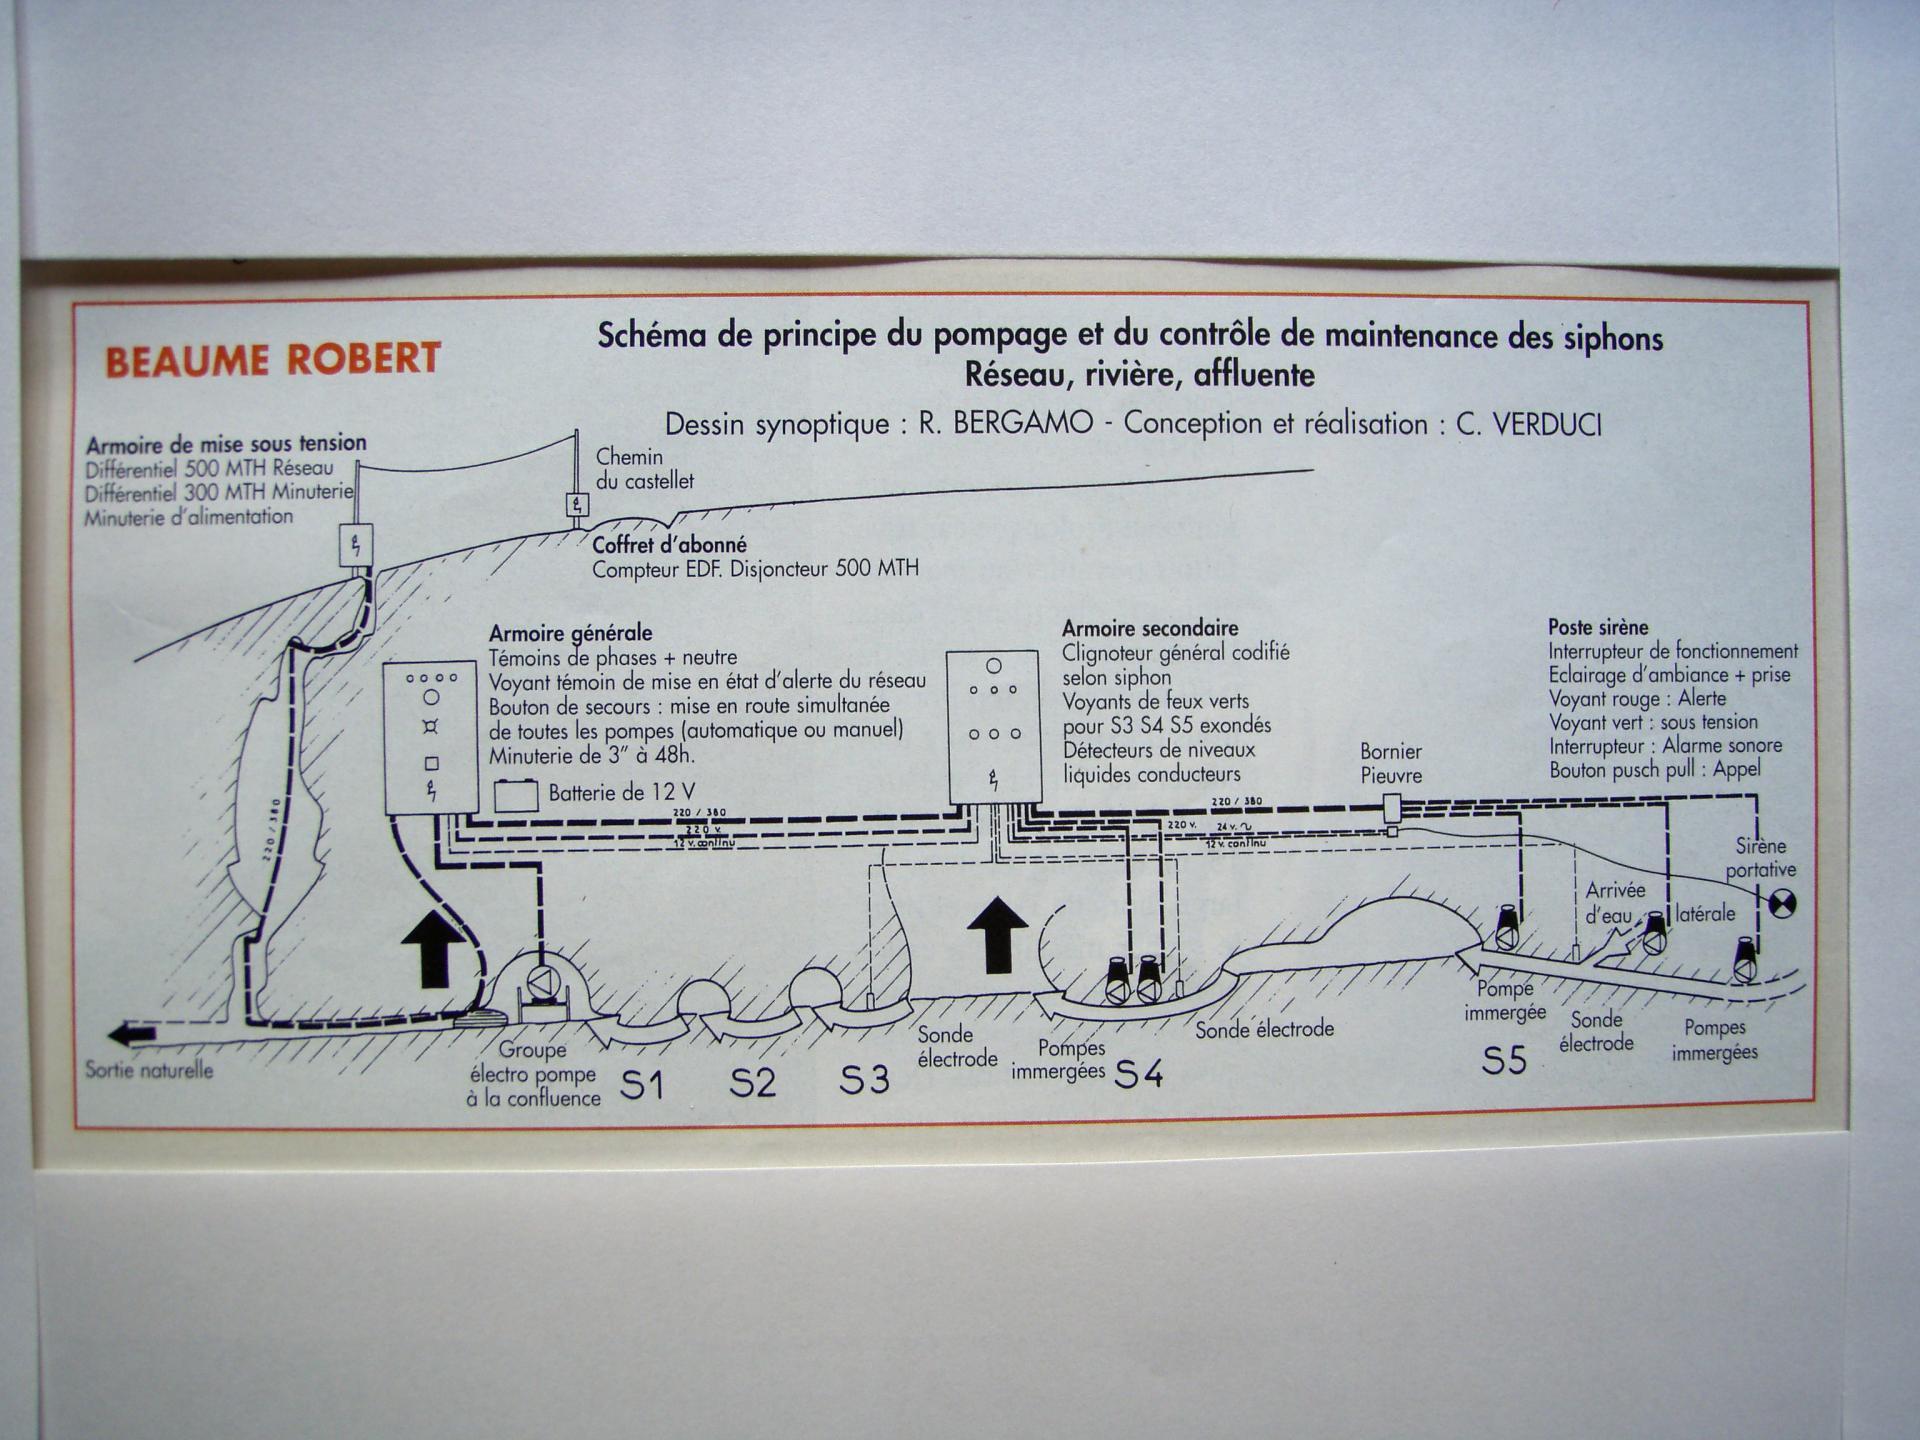 Schéma de principe du Pompage et du contrôle de maintenance des siphons ,Réseau,Riviére Affluente .